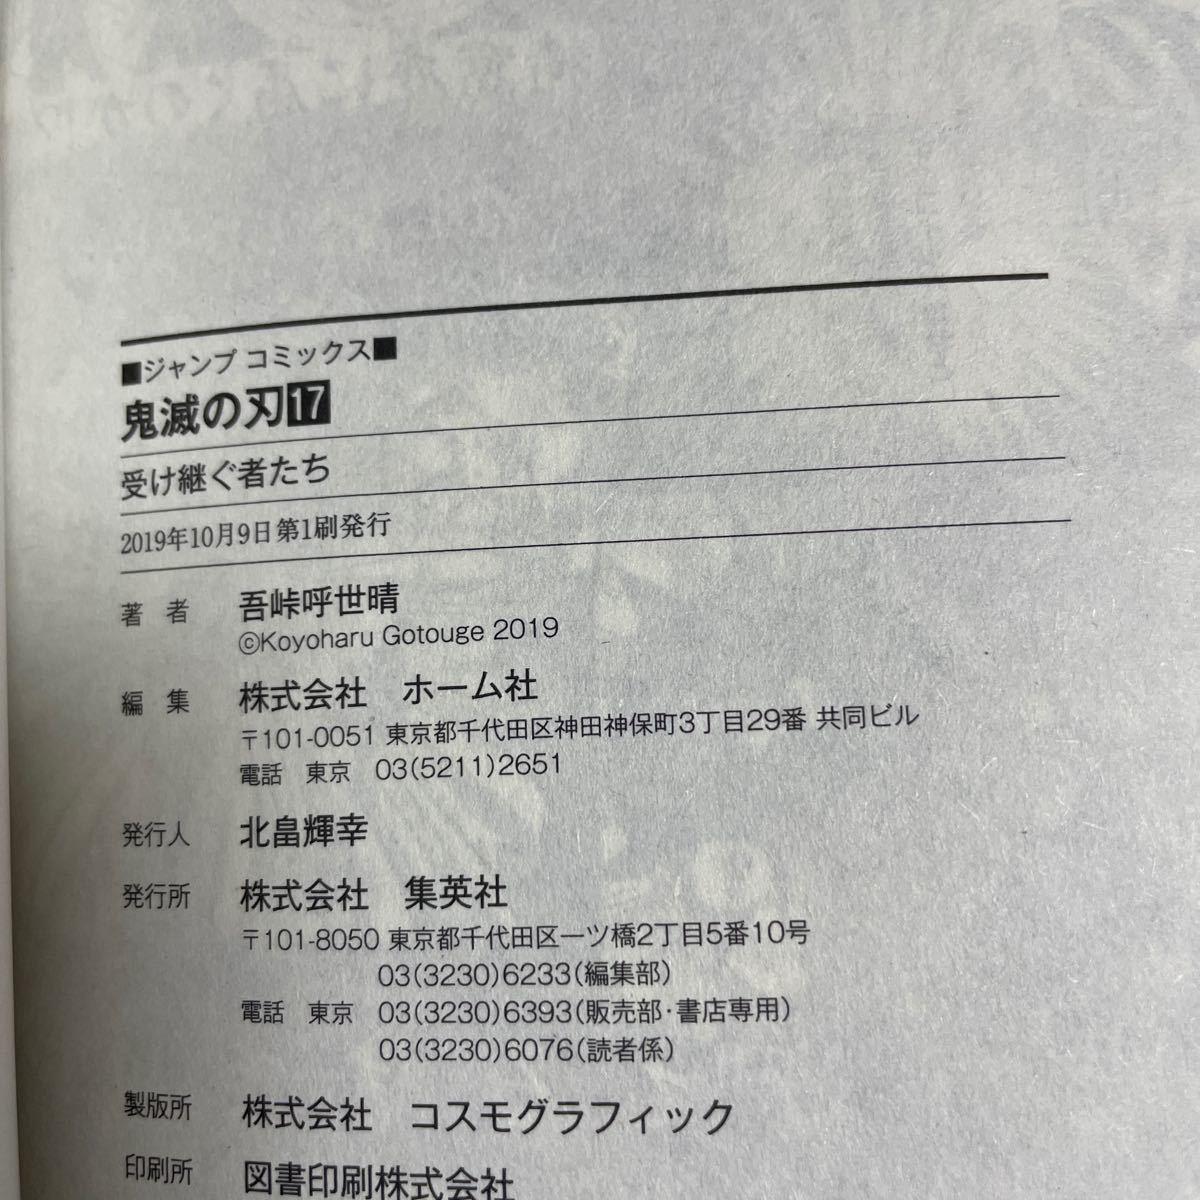 鬼滅の刃 17巻 初版 激レア